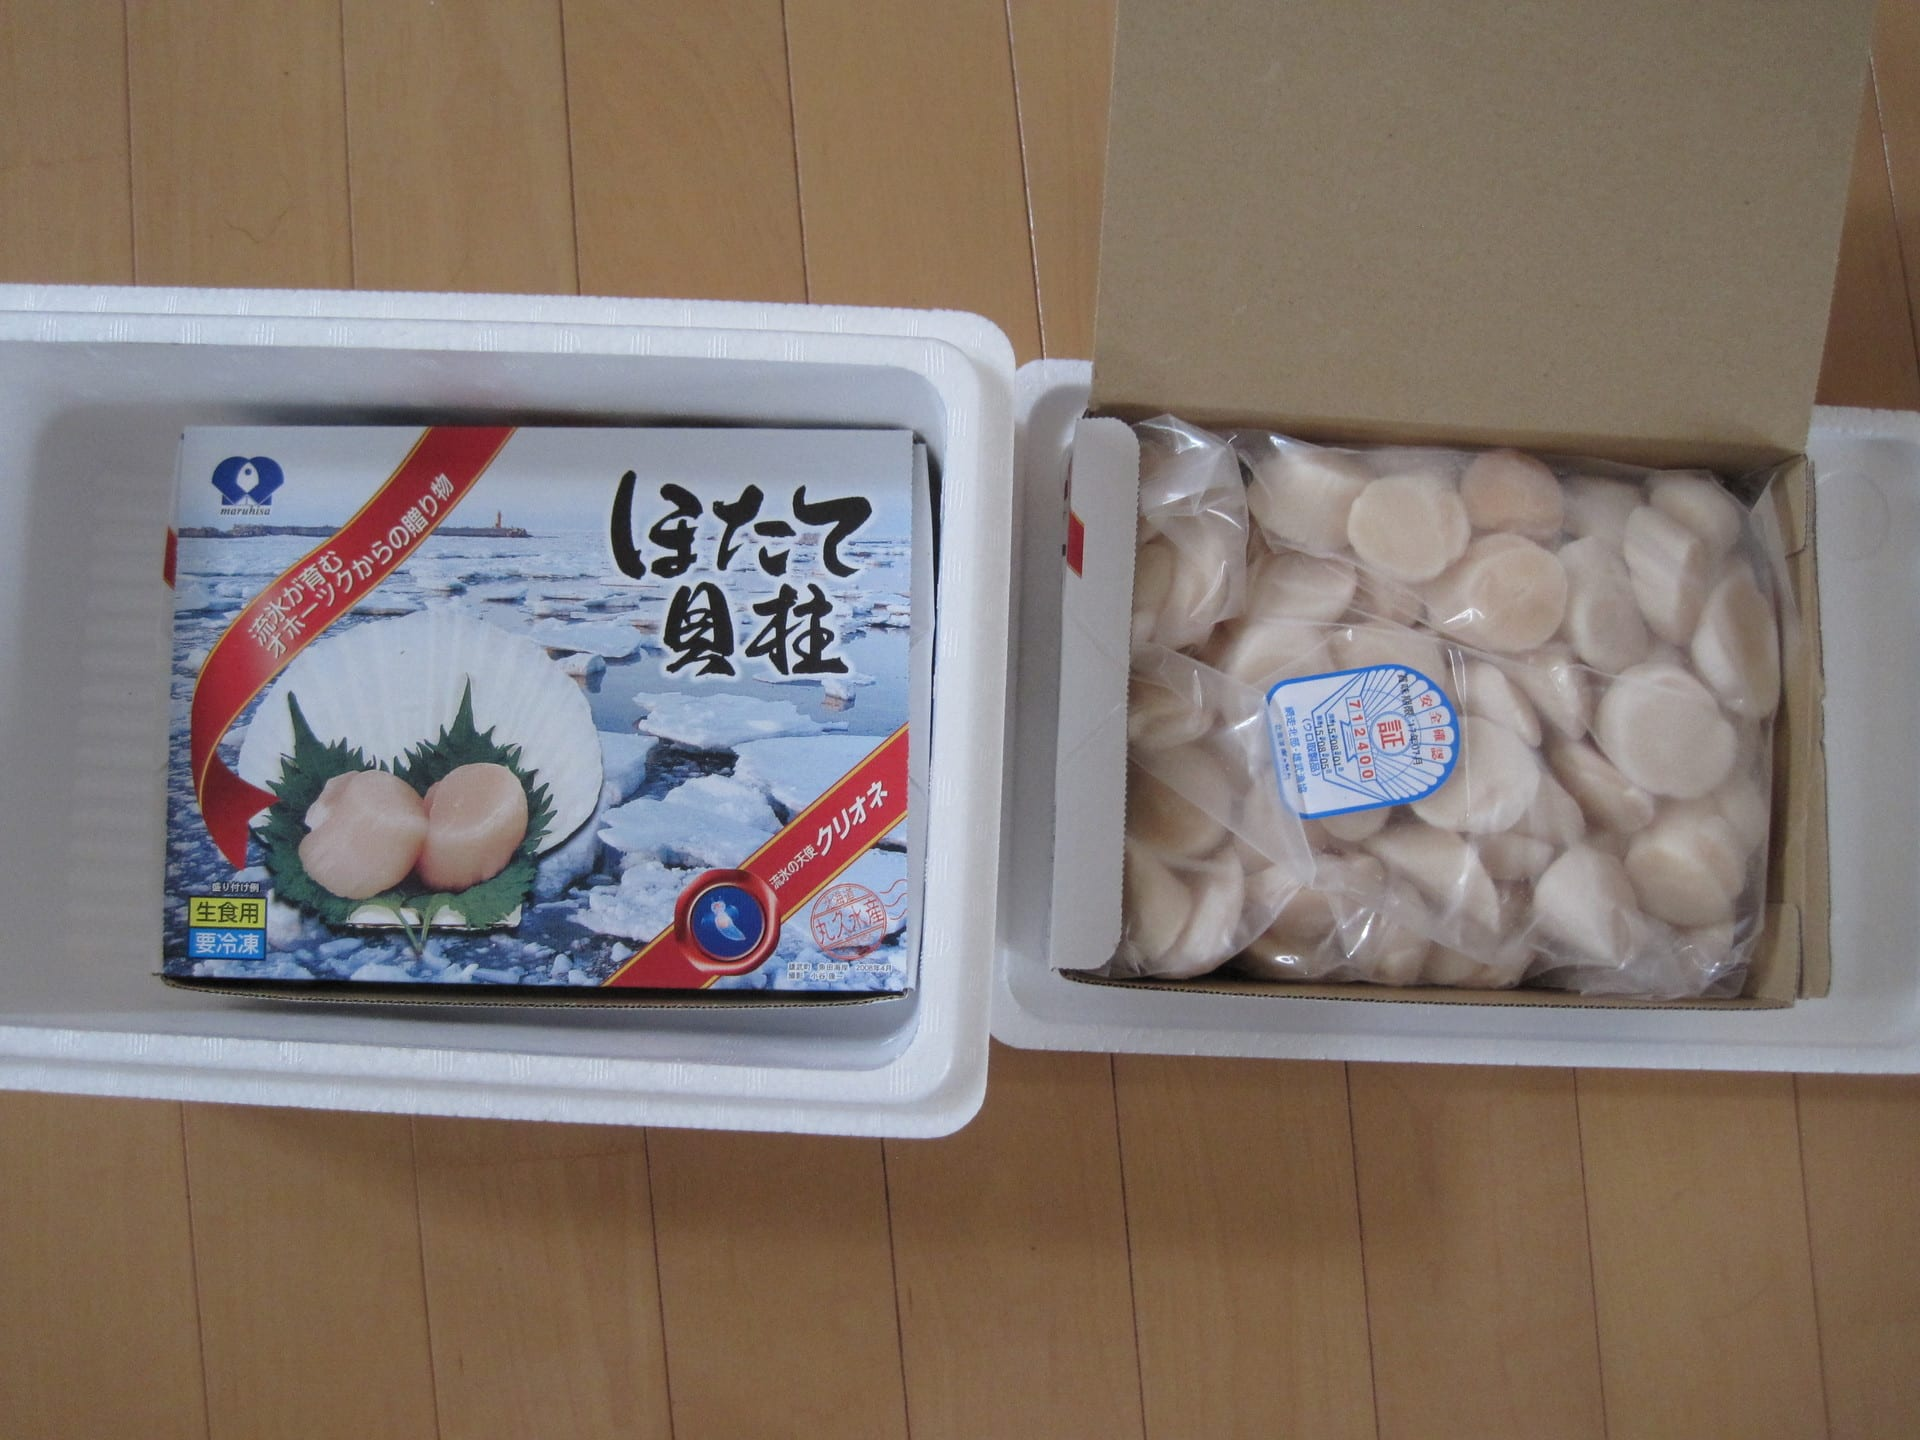 雄武町からホタテ貝柱2Kg届きました! - ポポーガーデンくらぶ  品種間の食べ比べを目指して